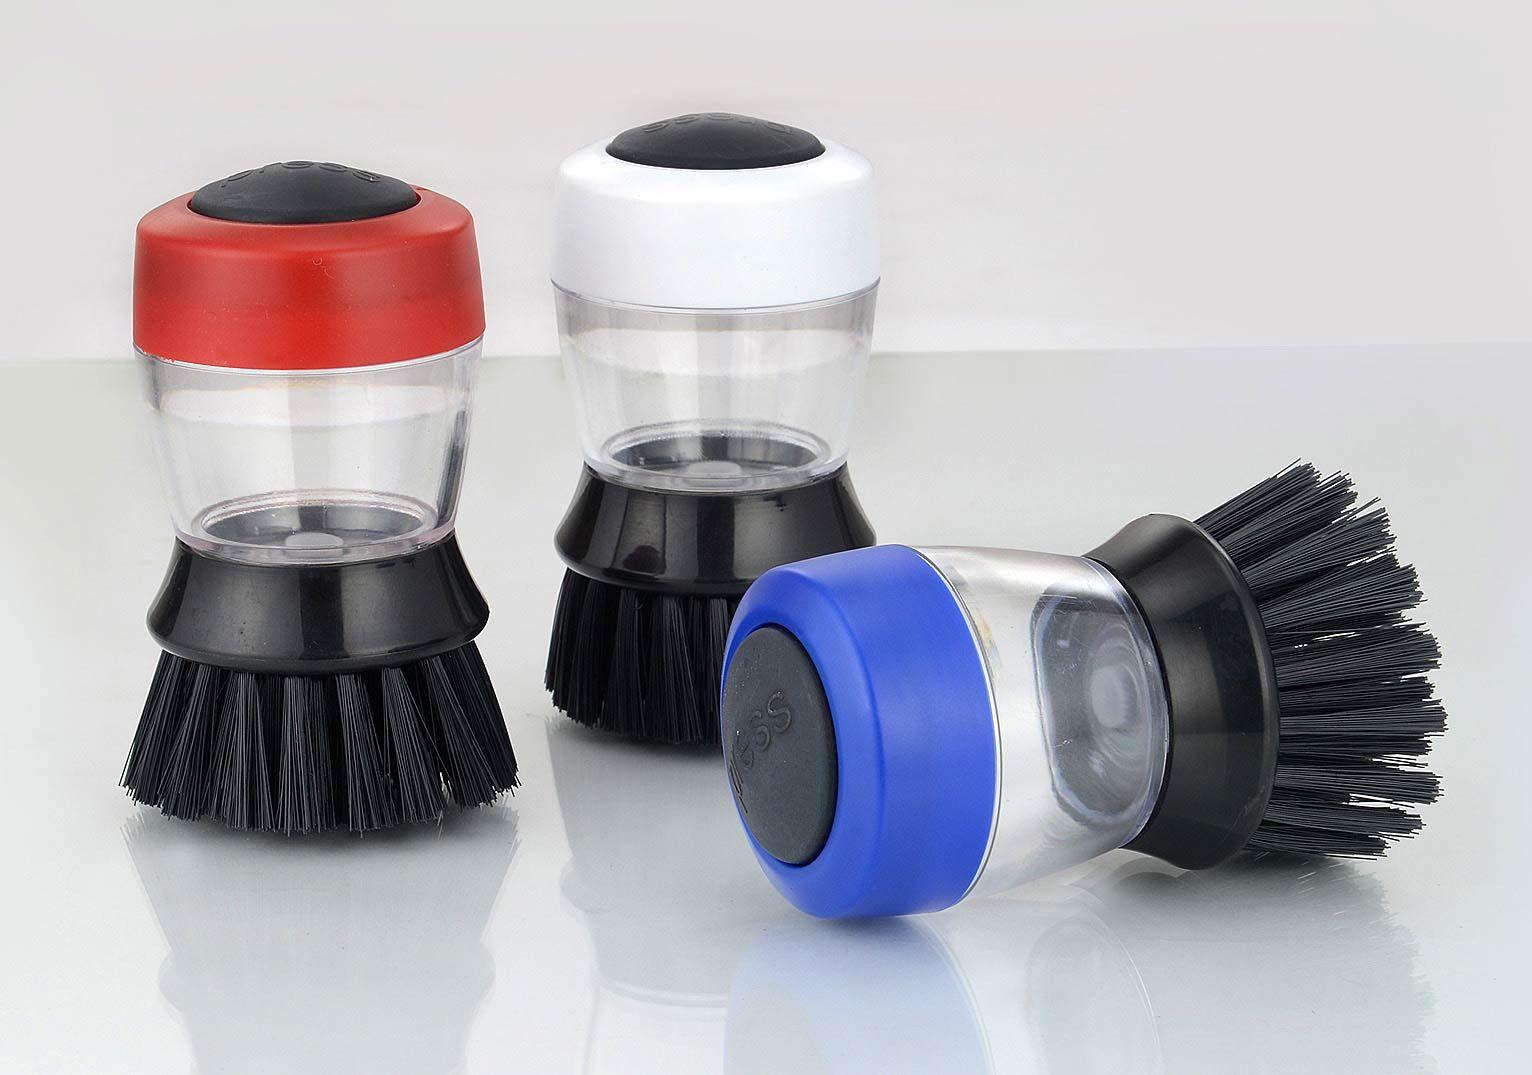 Power Plus Kitchen Brush With Detergent Holder Z03